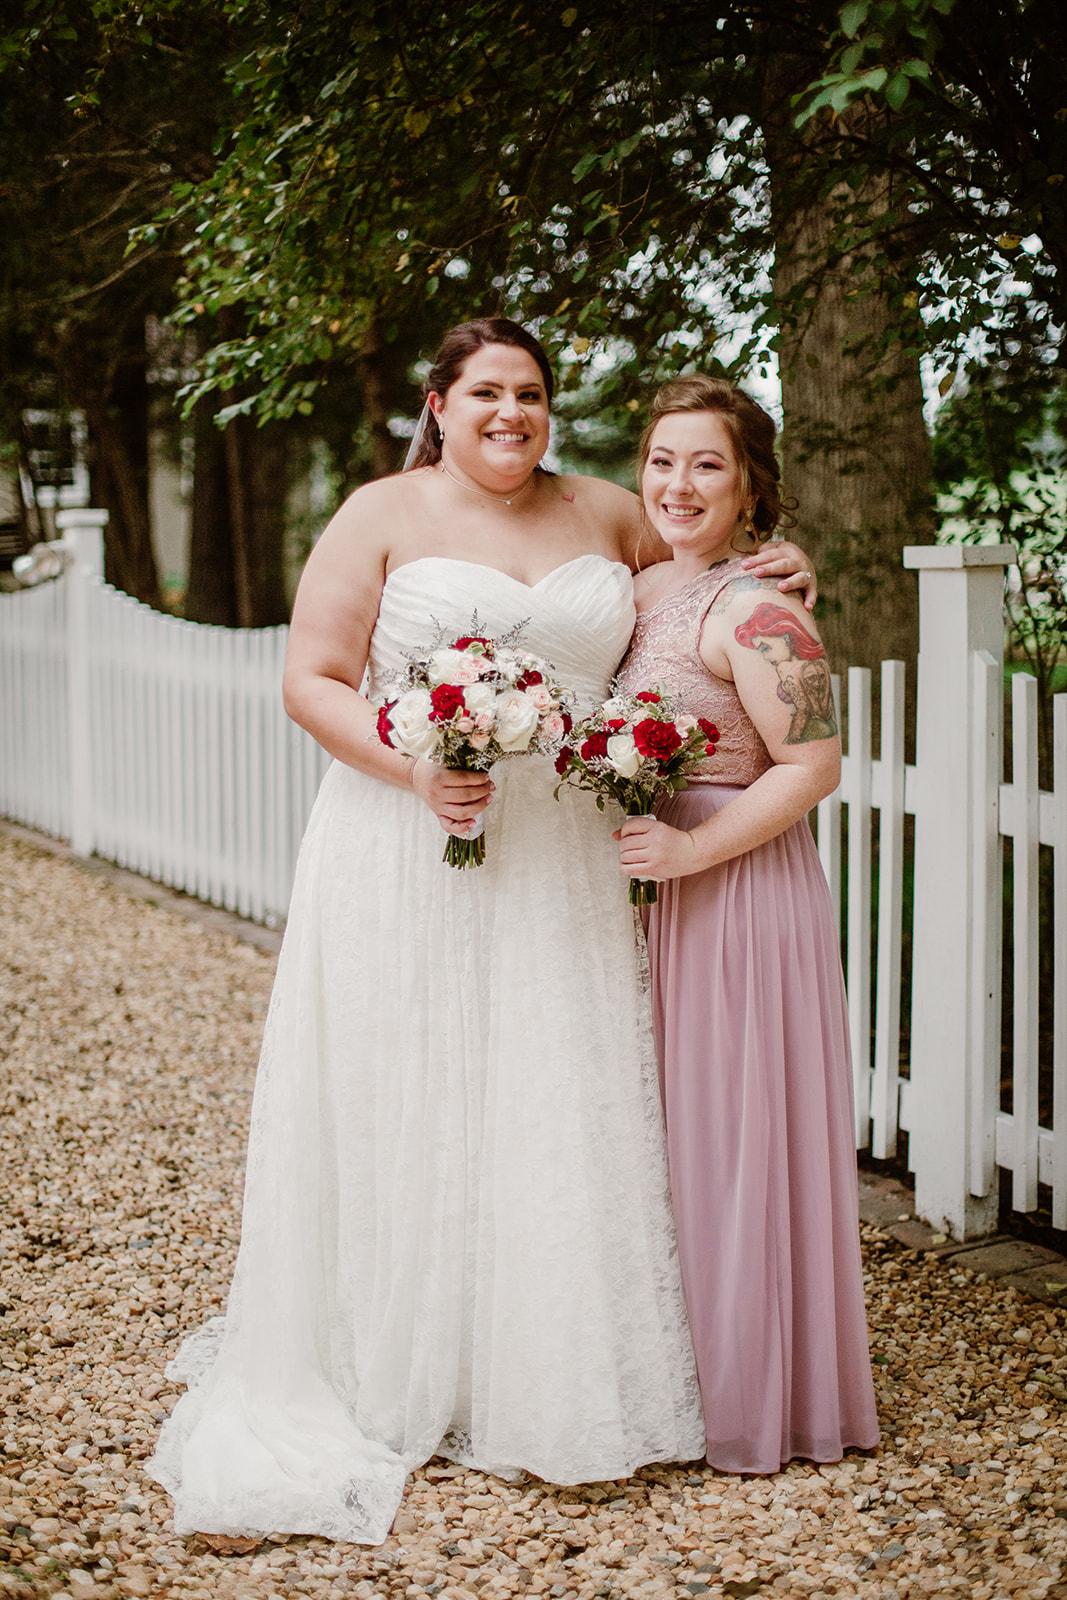 SarahMattozziPhotography-NicoleChris-GlenGardens-WeddingParty-8.jpg